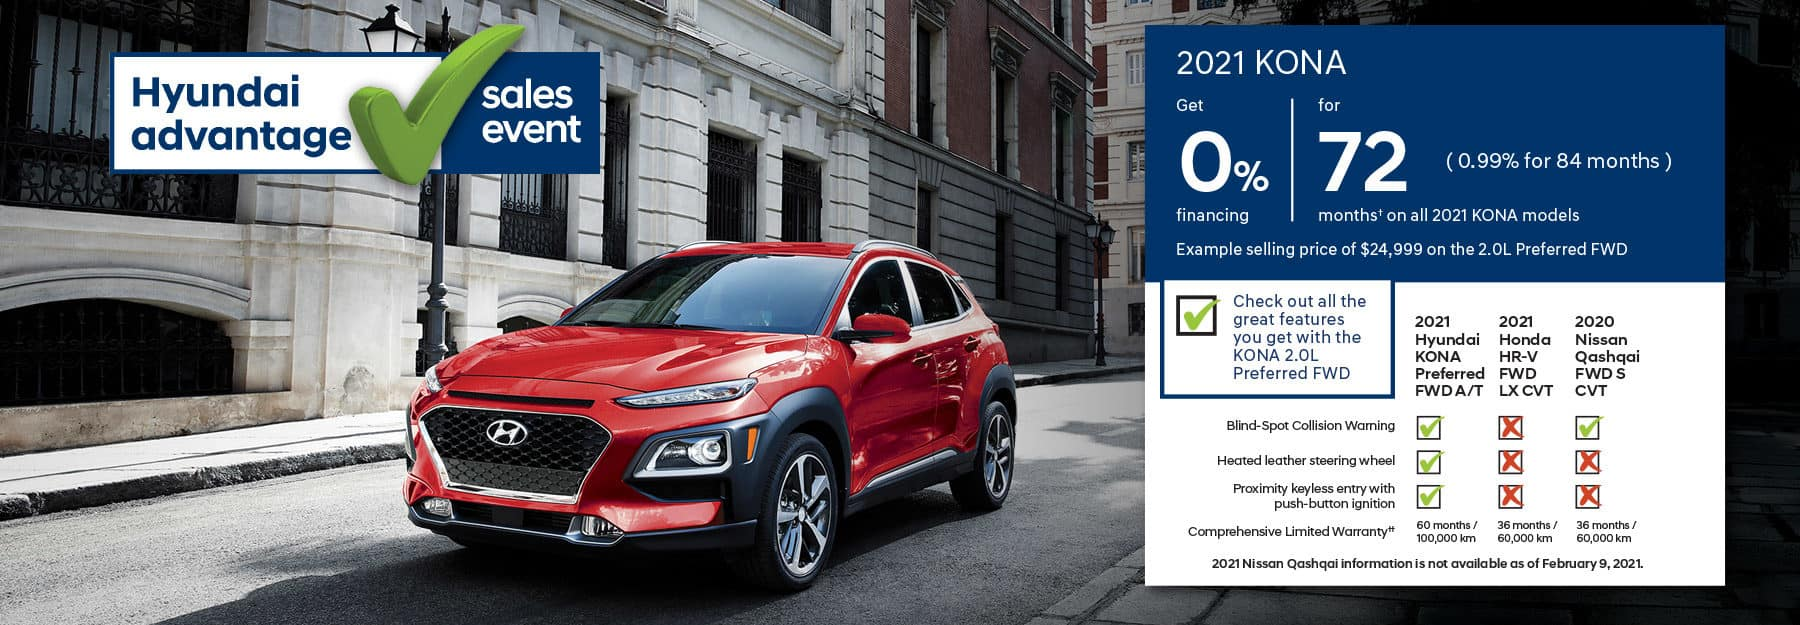 2021 Hyundai Kona - Hyundai Advantage Sales Event